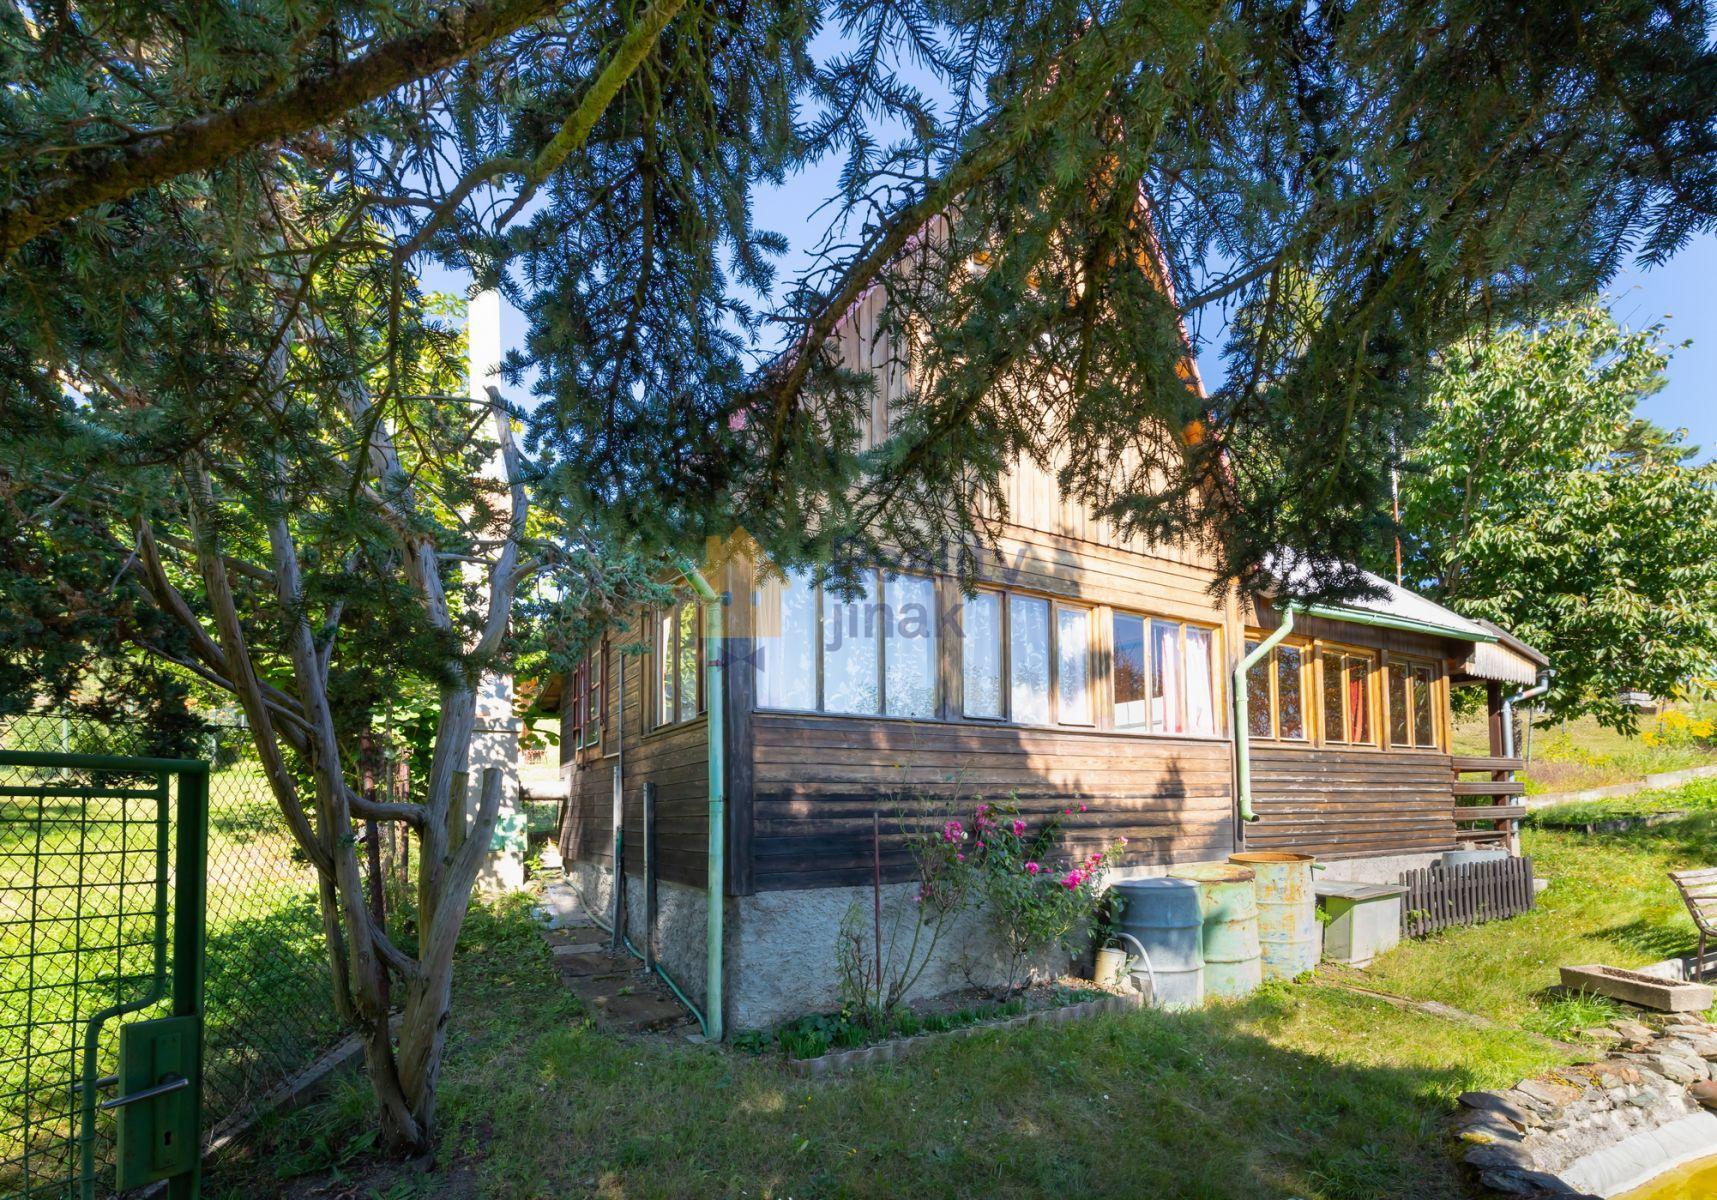 Rekreační chata 38 m2 se zahradou 531 m2, Jílové u Prahy, Praha-západ